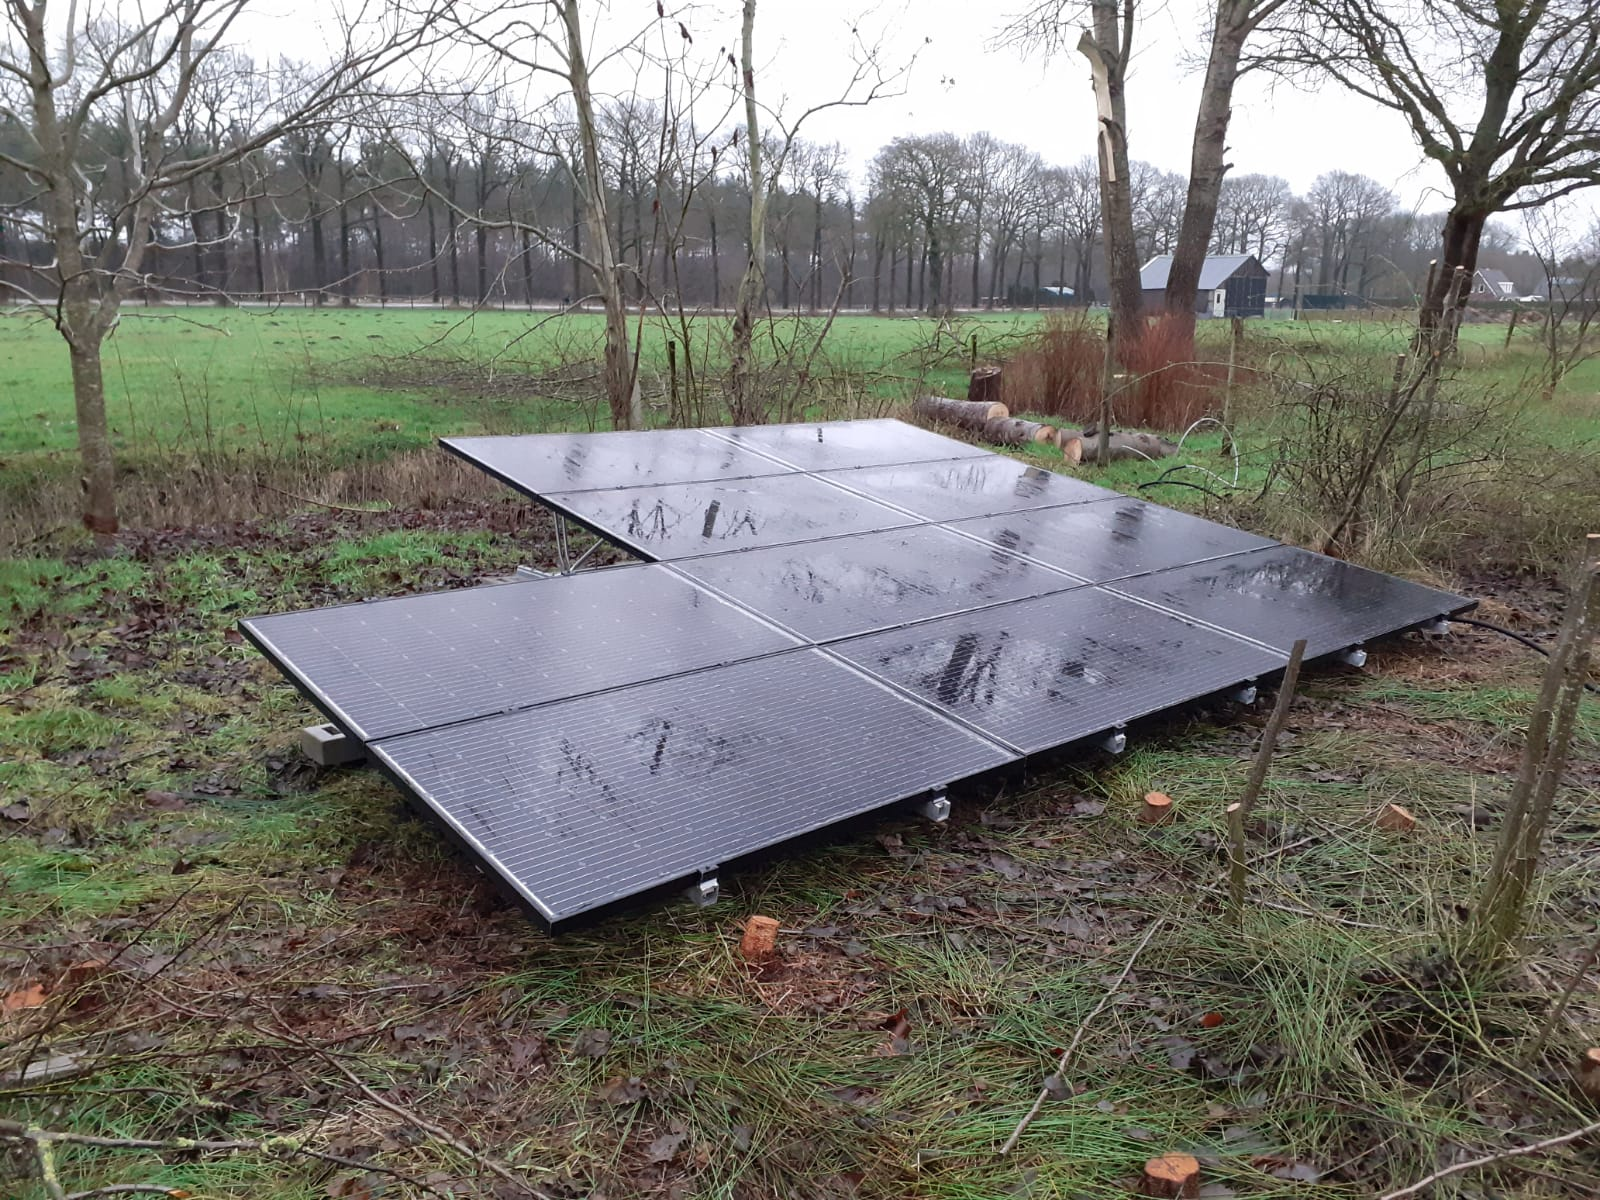 Solarwatt glas glas valk schans Tiendeveen